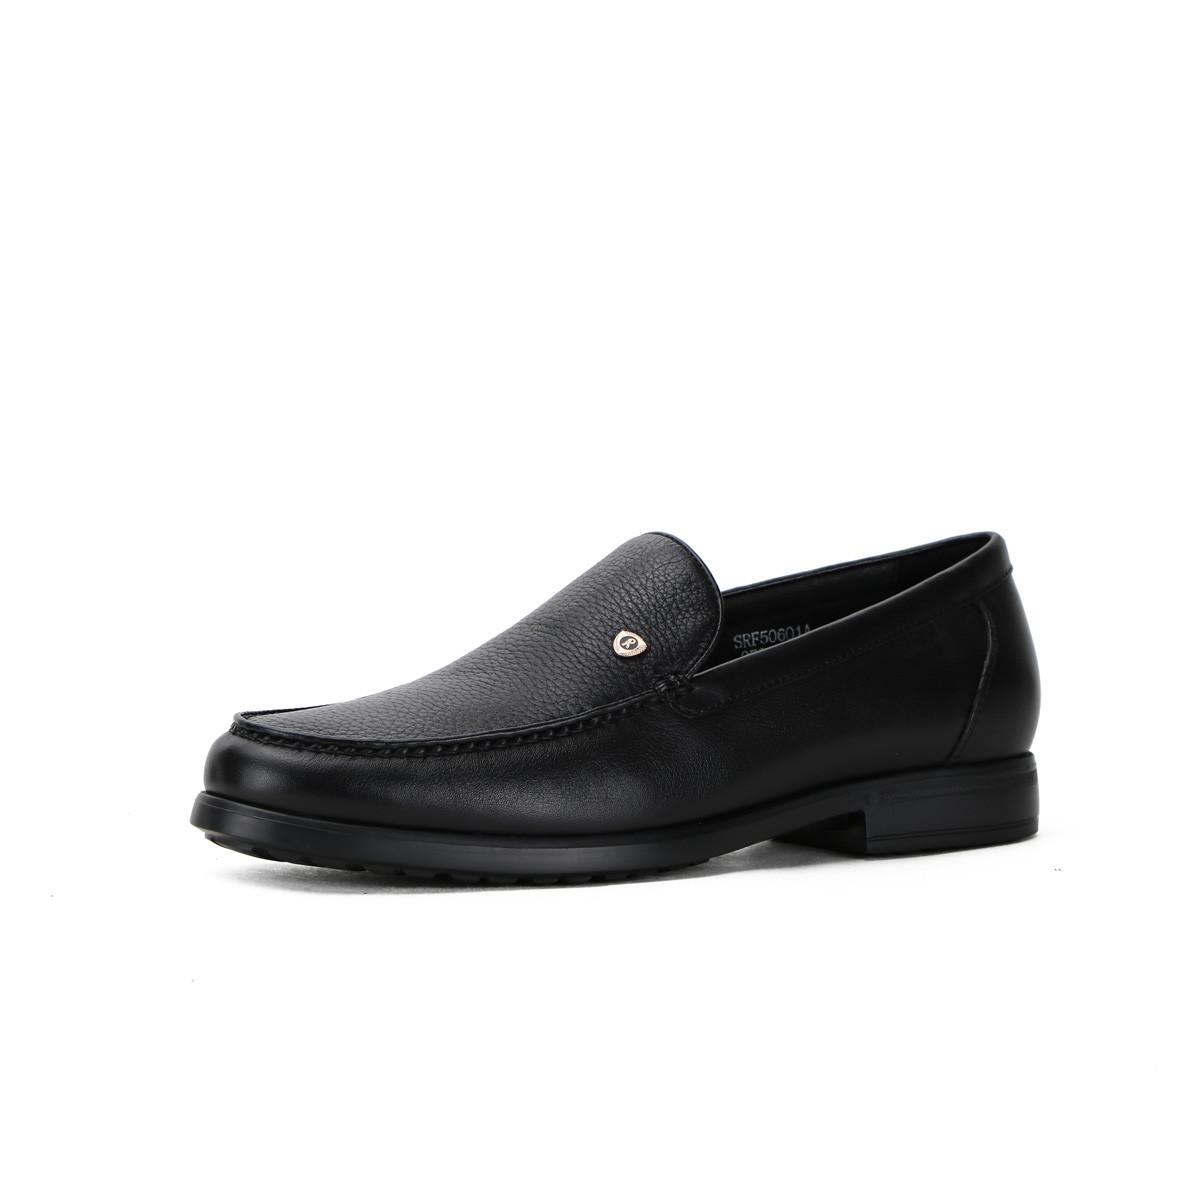 诺贝达软牛皮配鹿皮商务休闲一脚蹬男鞋男士皮鞋SRF50601A